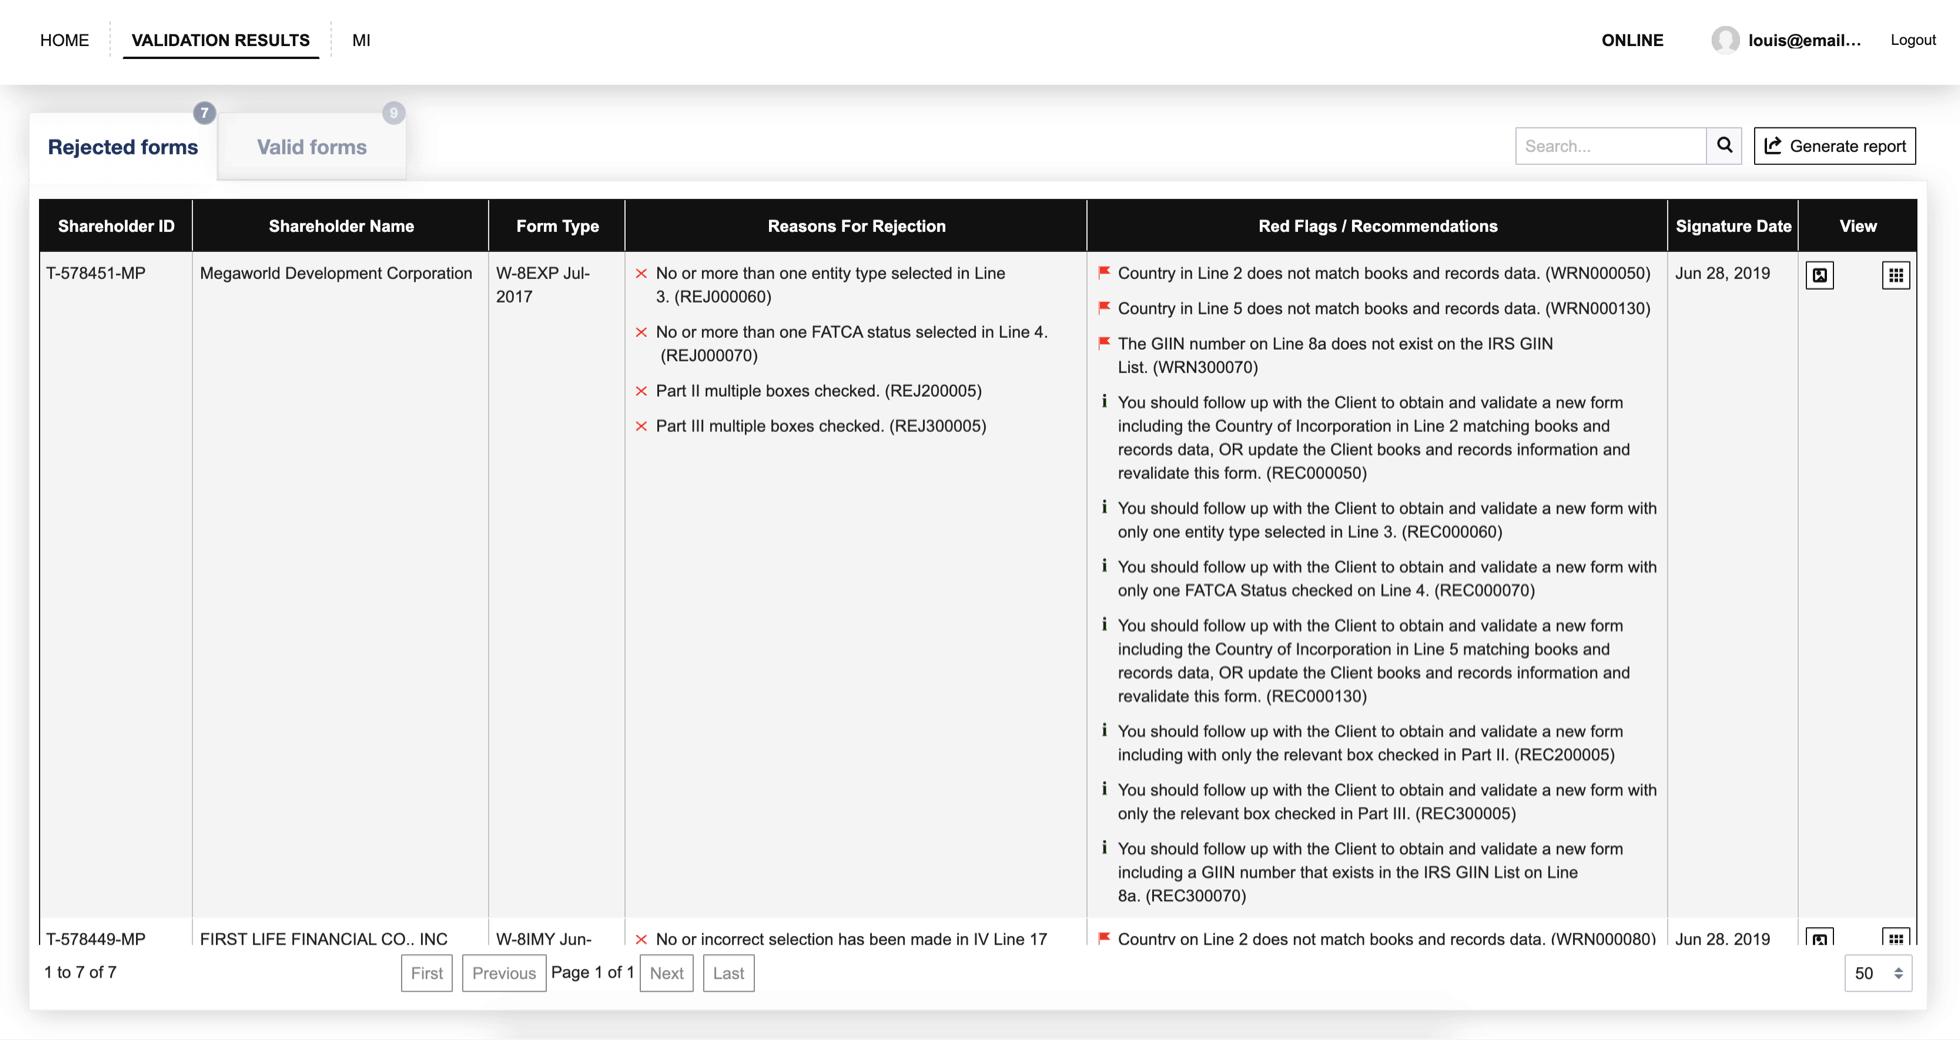 Validator results redacted